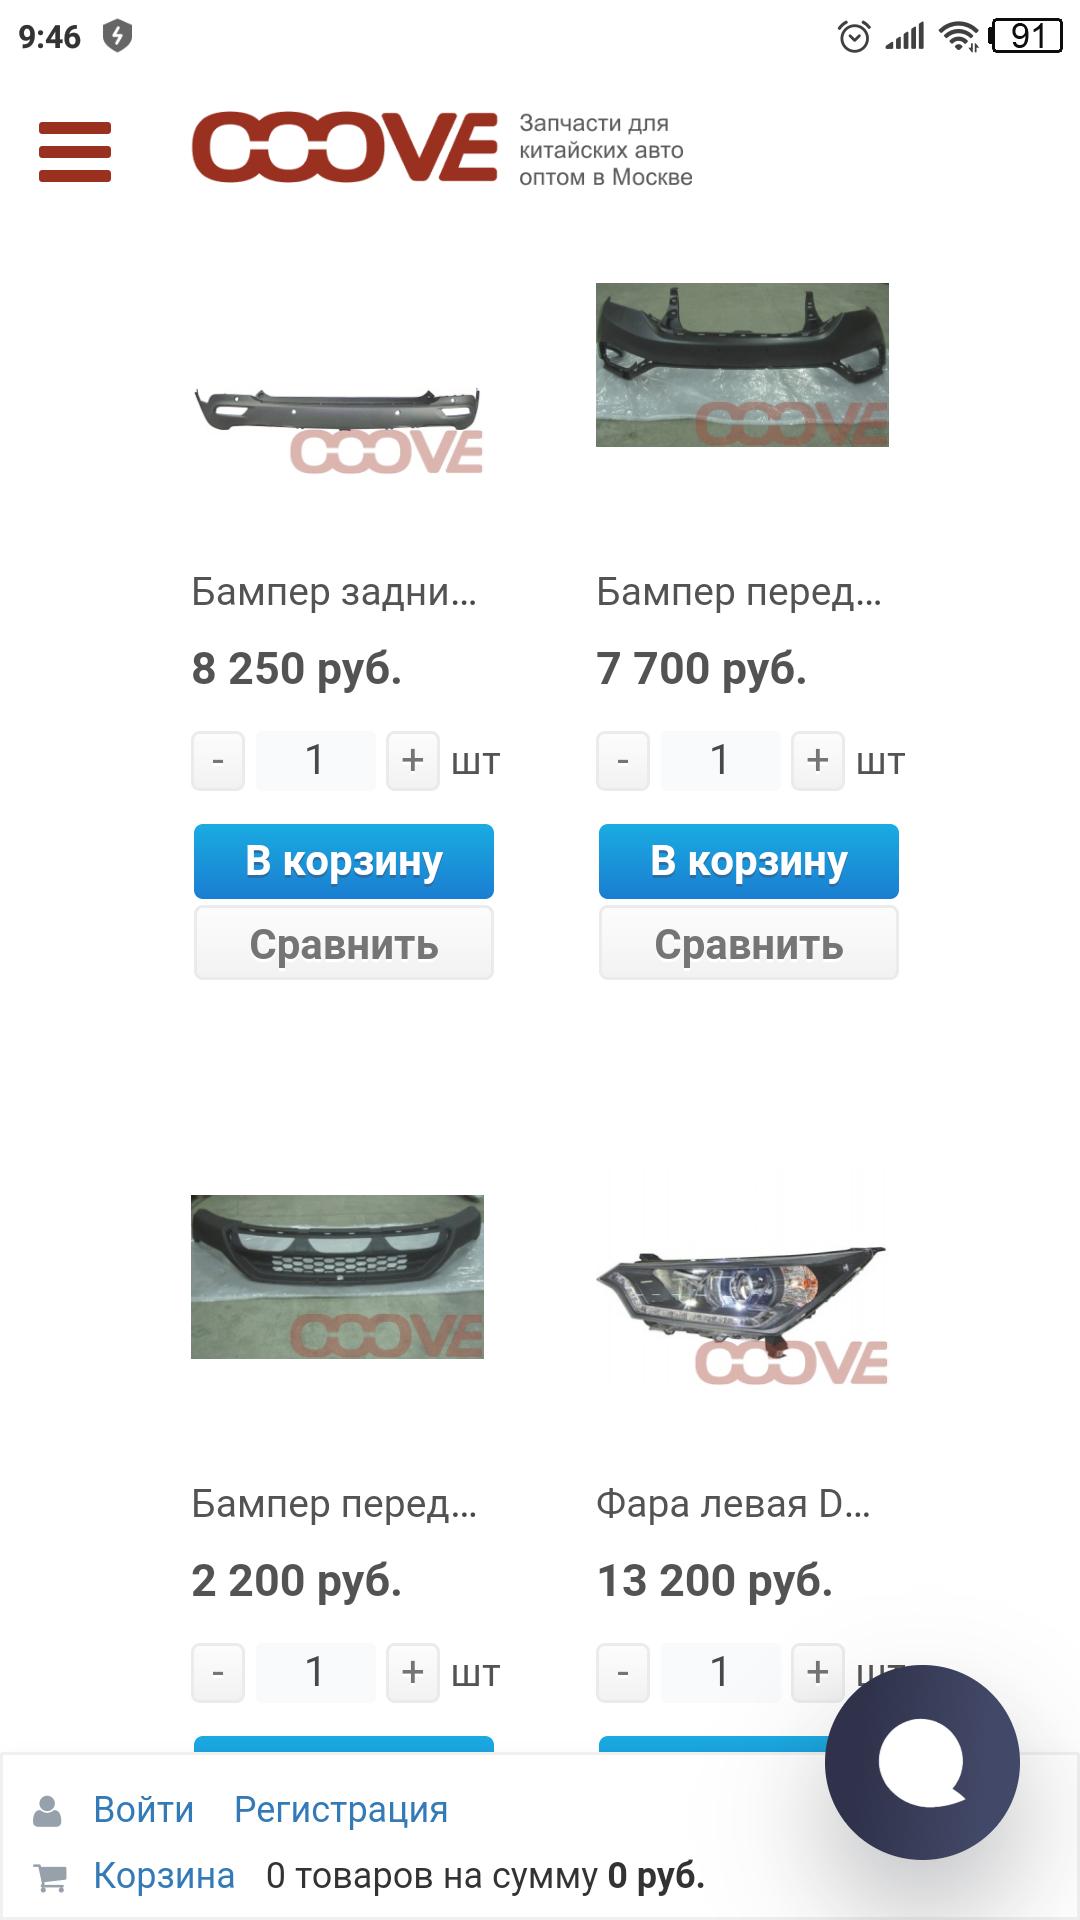 Screenshot_2019-06-13-09-46-19-499_com.android.chrome.png